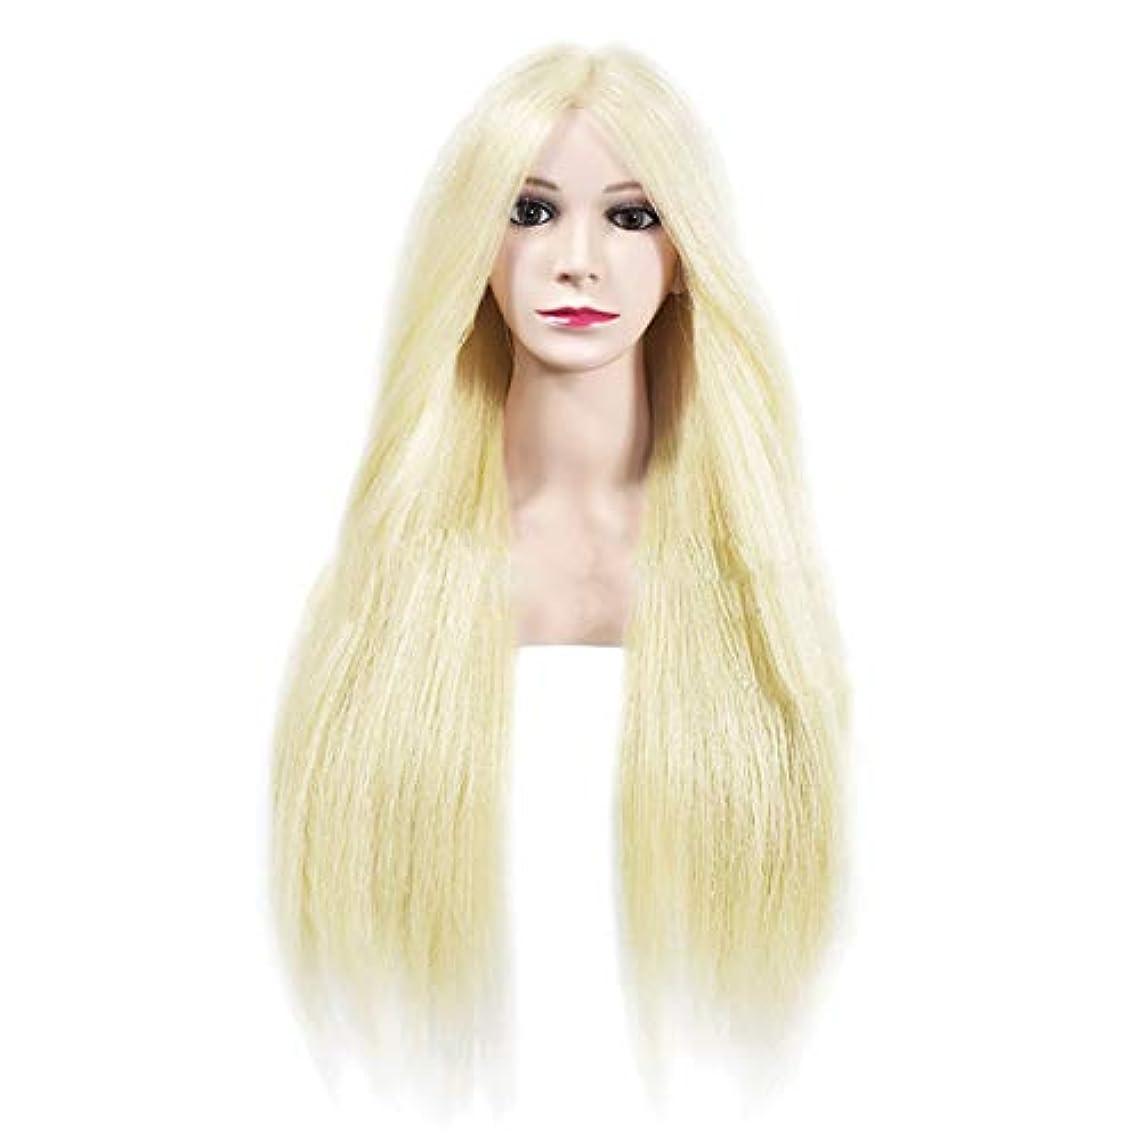 前方へ苦悩ニックネーム専門の練習ホット染色漂白はさみモデリングマネキン髪編組髪かつら女性モデルティーチングヘッド